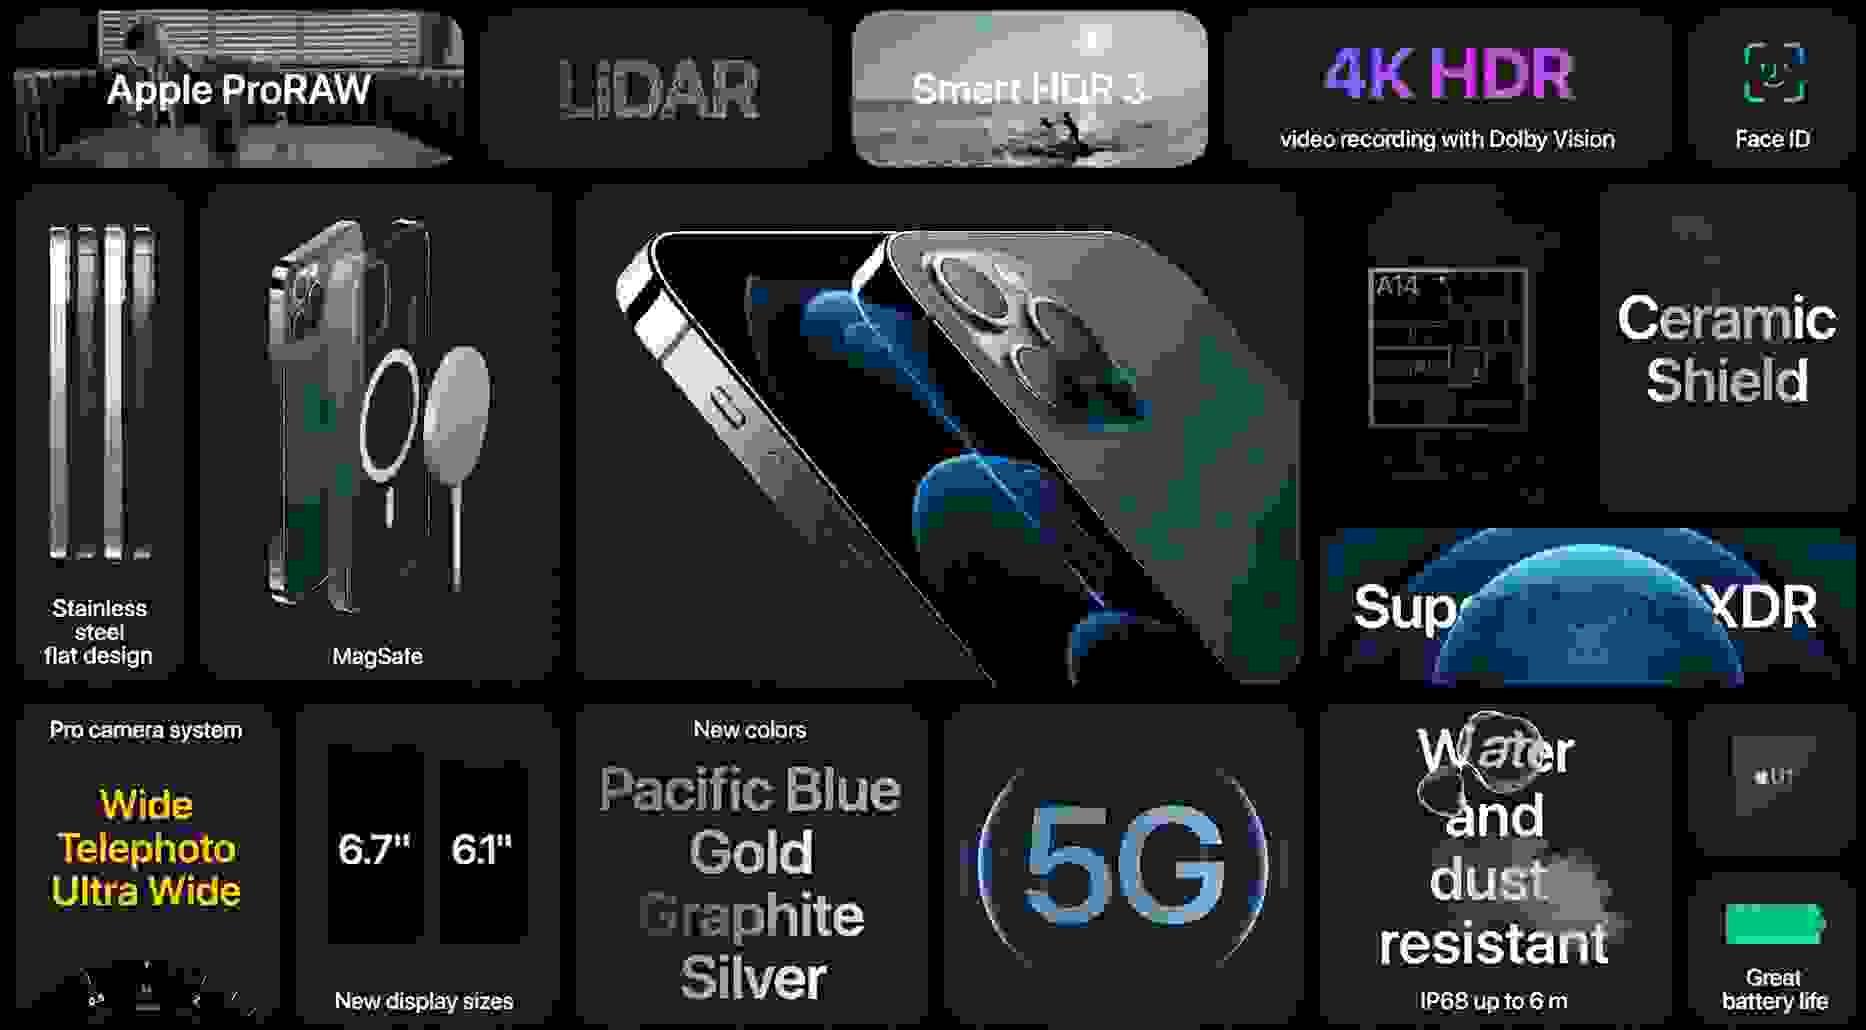 المميزات الرئيسية لأيفون 12 (iPhone 12)